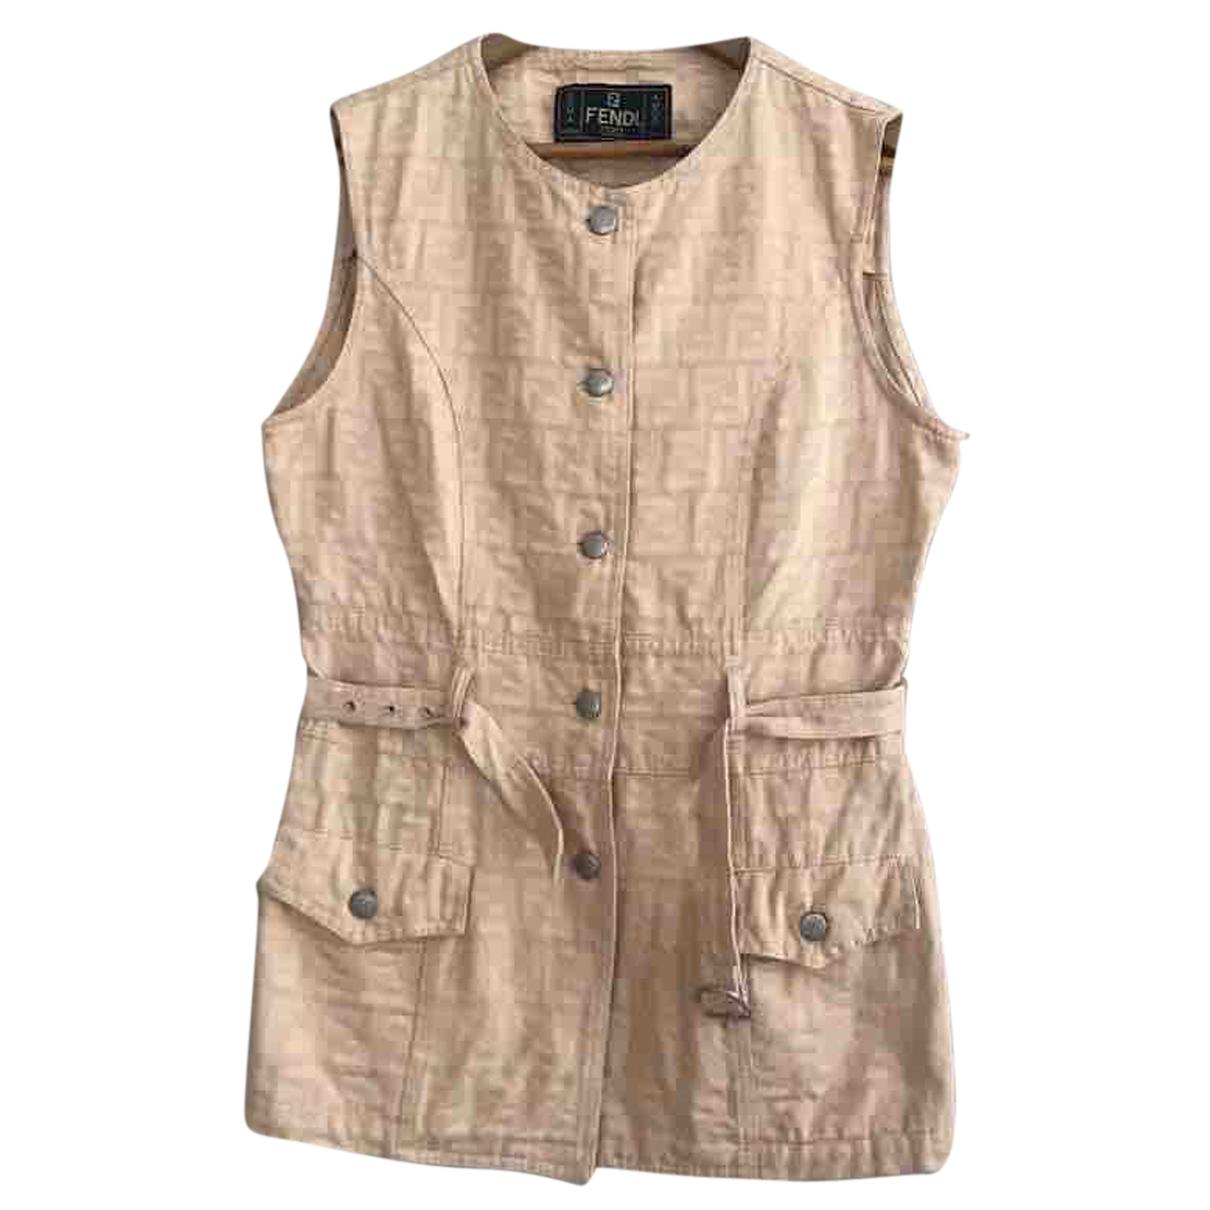 Fendi - Veste   pour femme en coton - beige